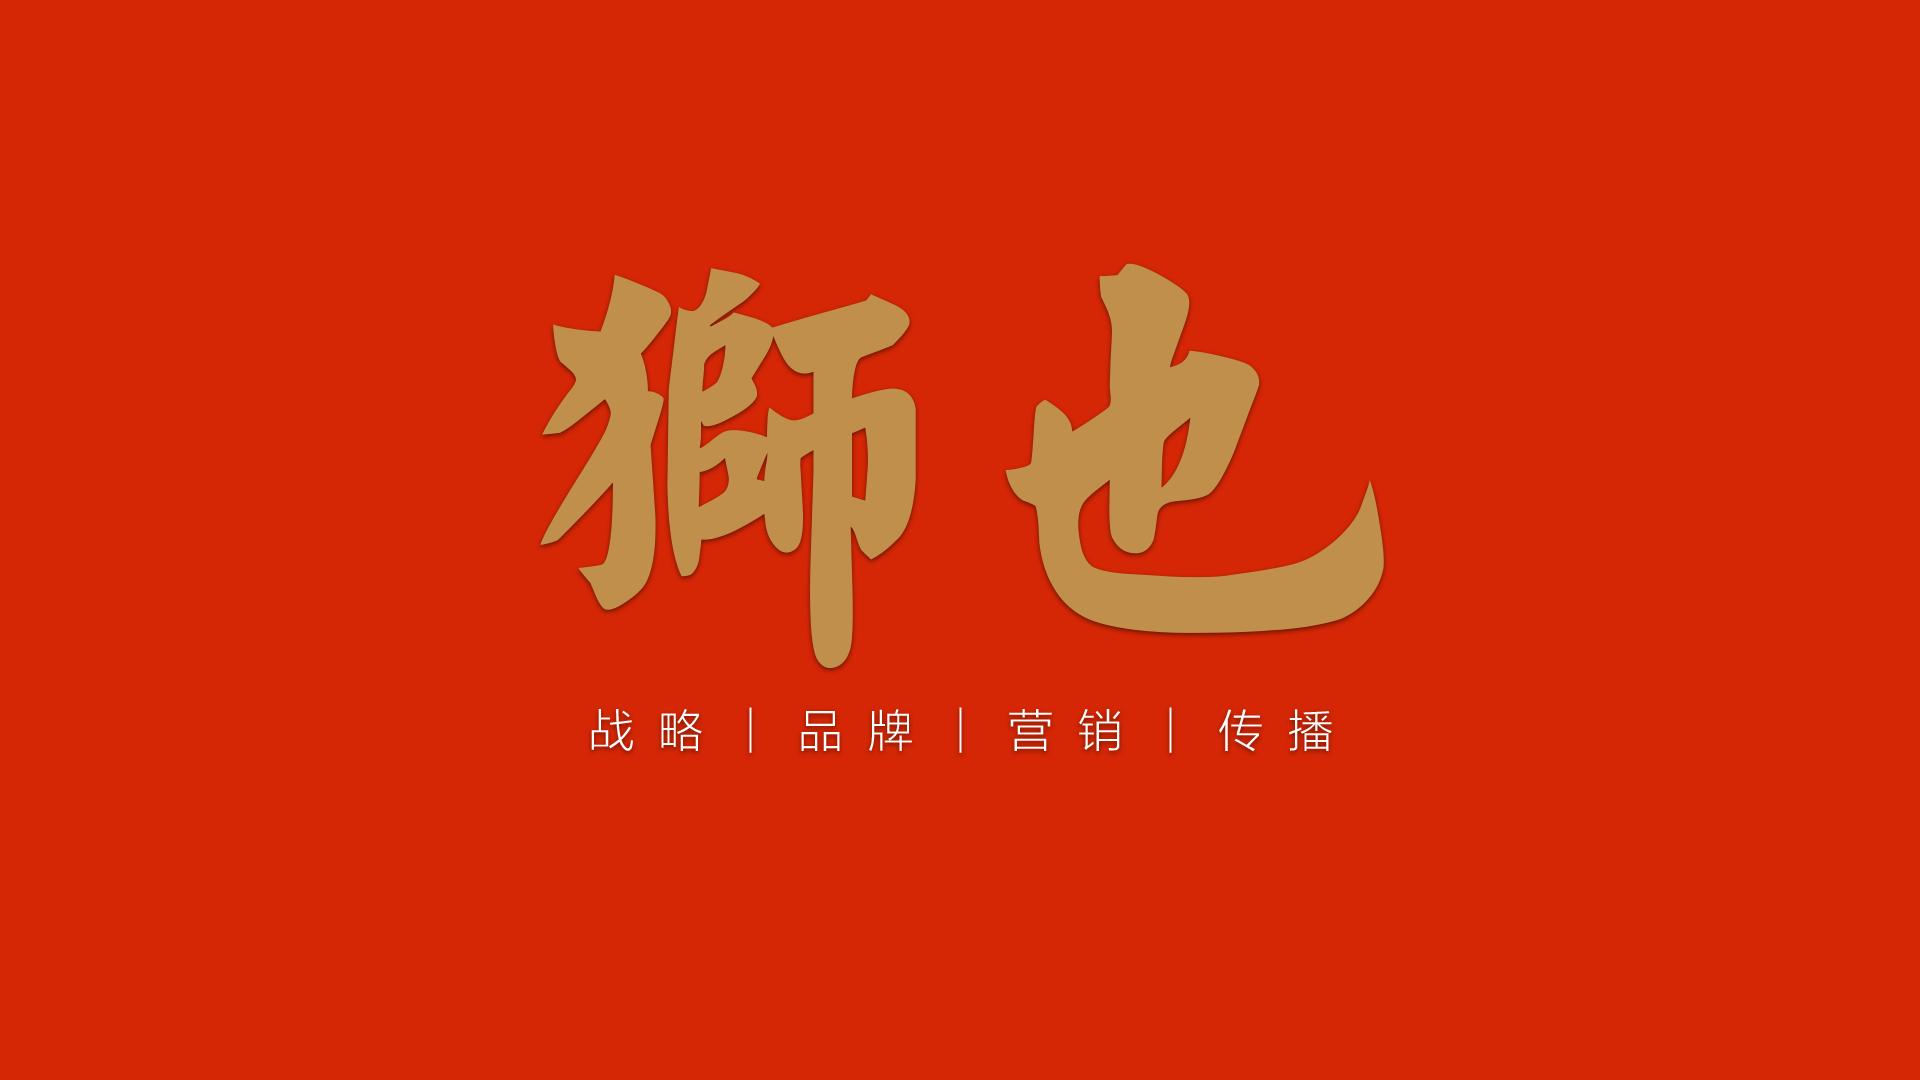 上海营销策划公司—节日营销策划应该如何发挥作用